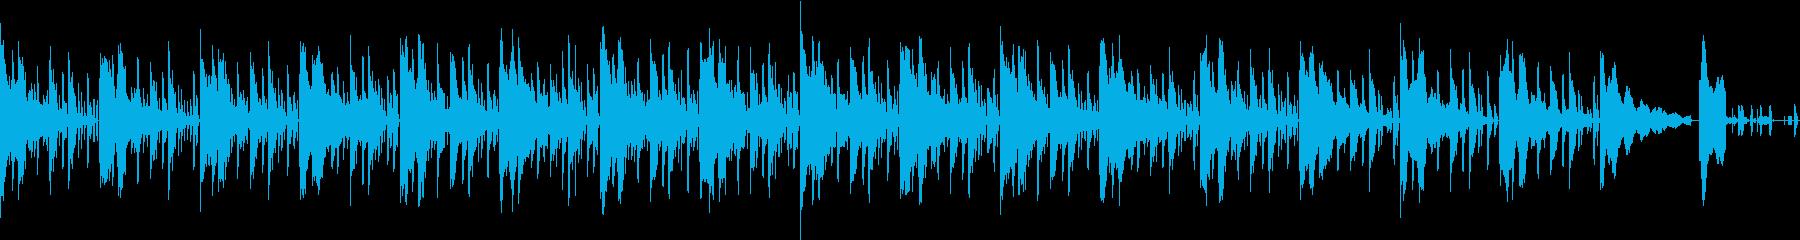 耳に残るエレクトリックサウンドの再生済みの波形